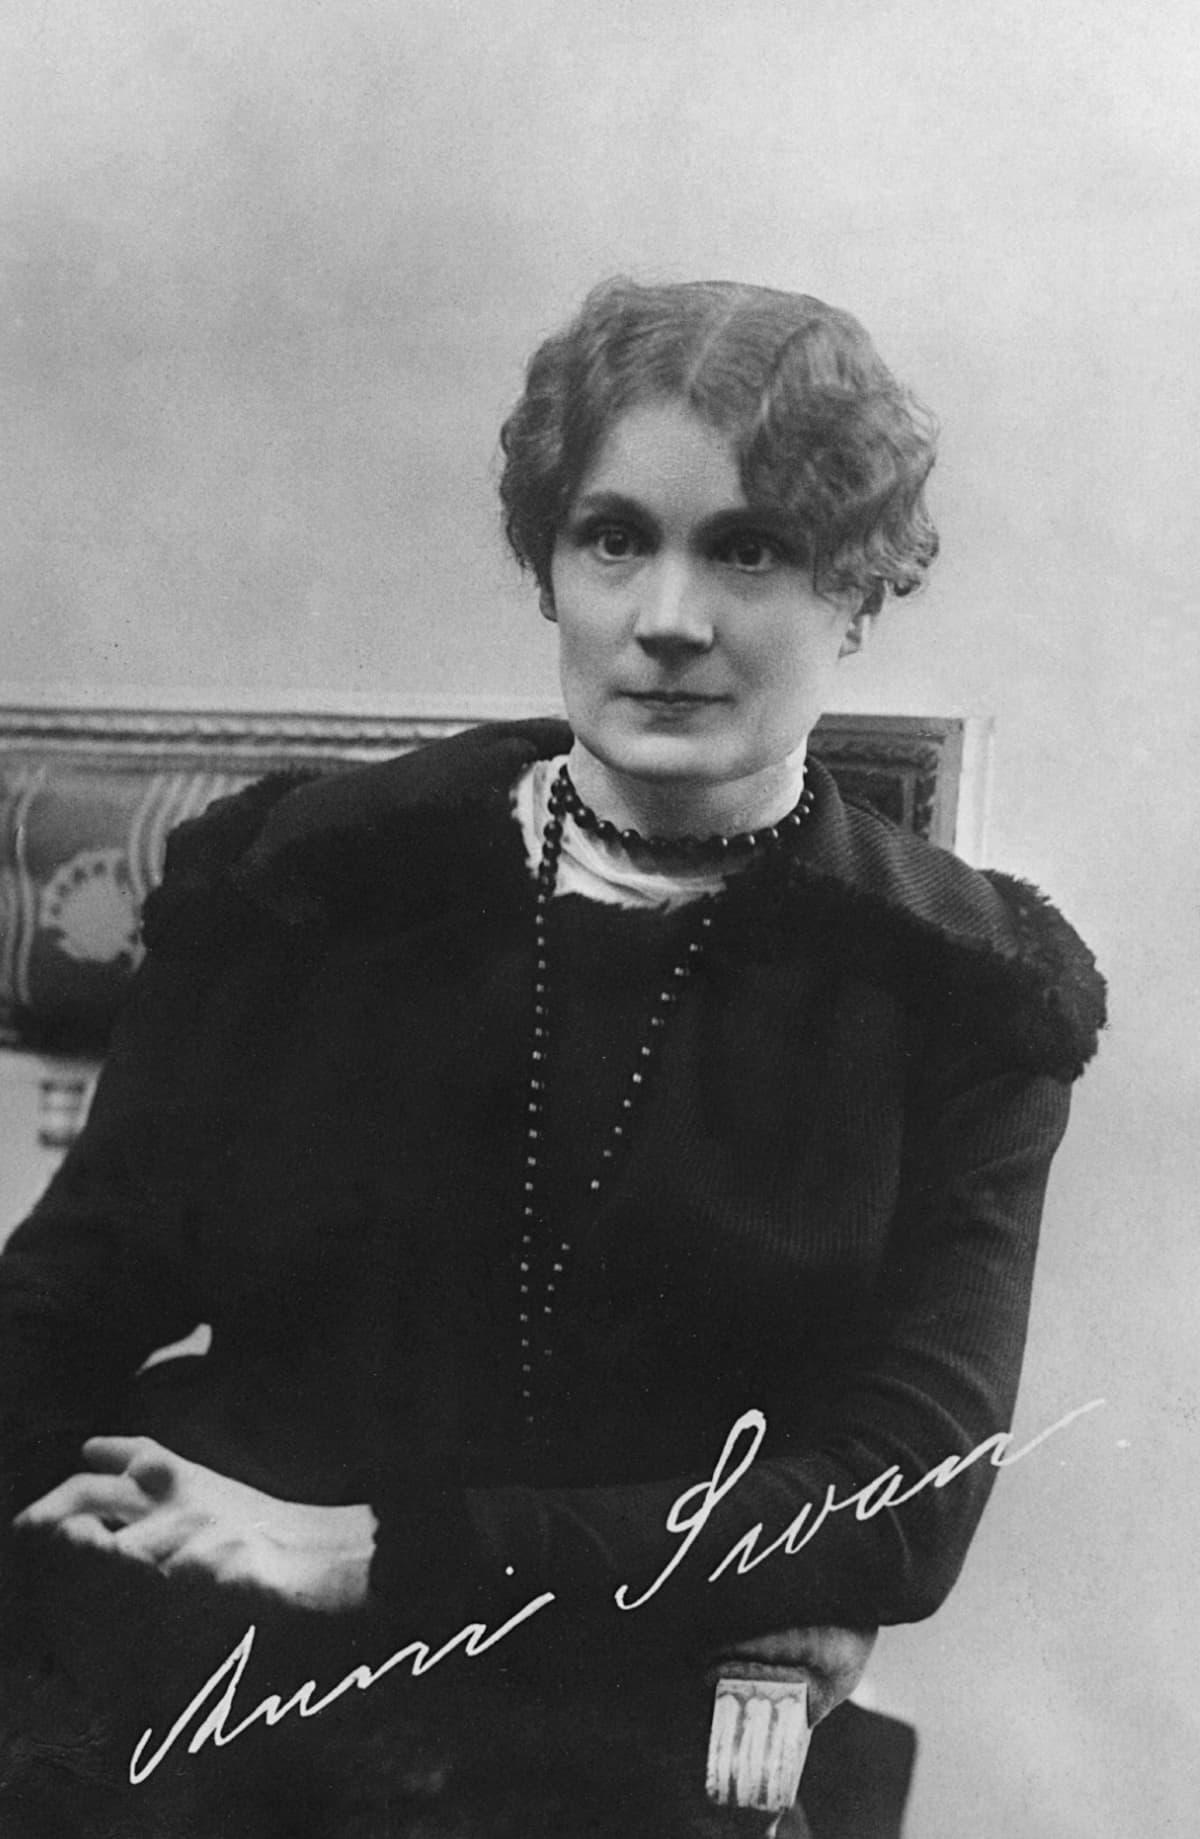 Kirjailija Anni SWAN (1875-1958).